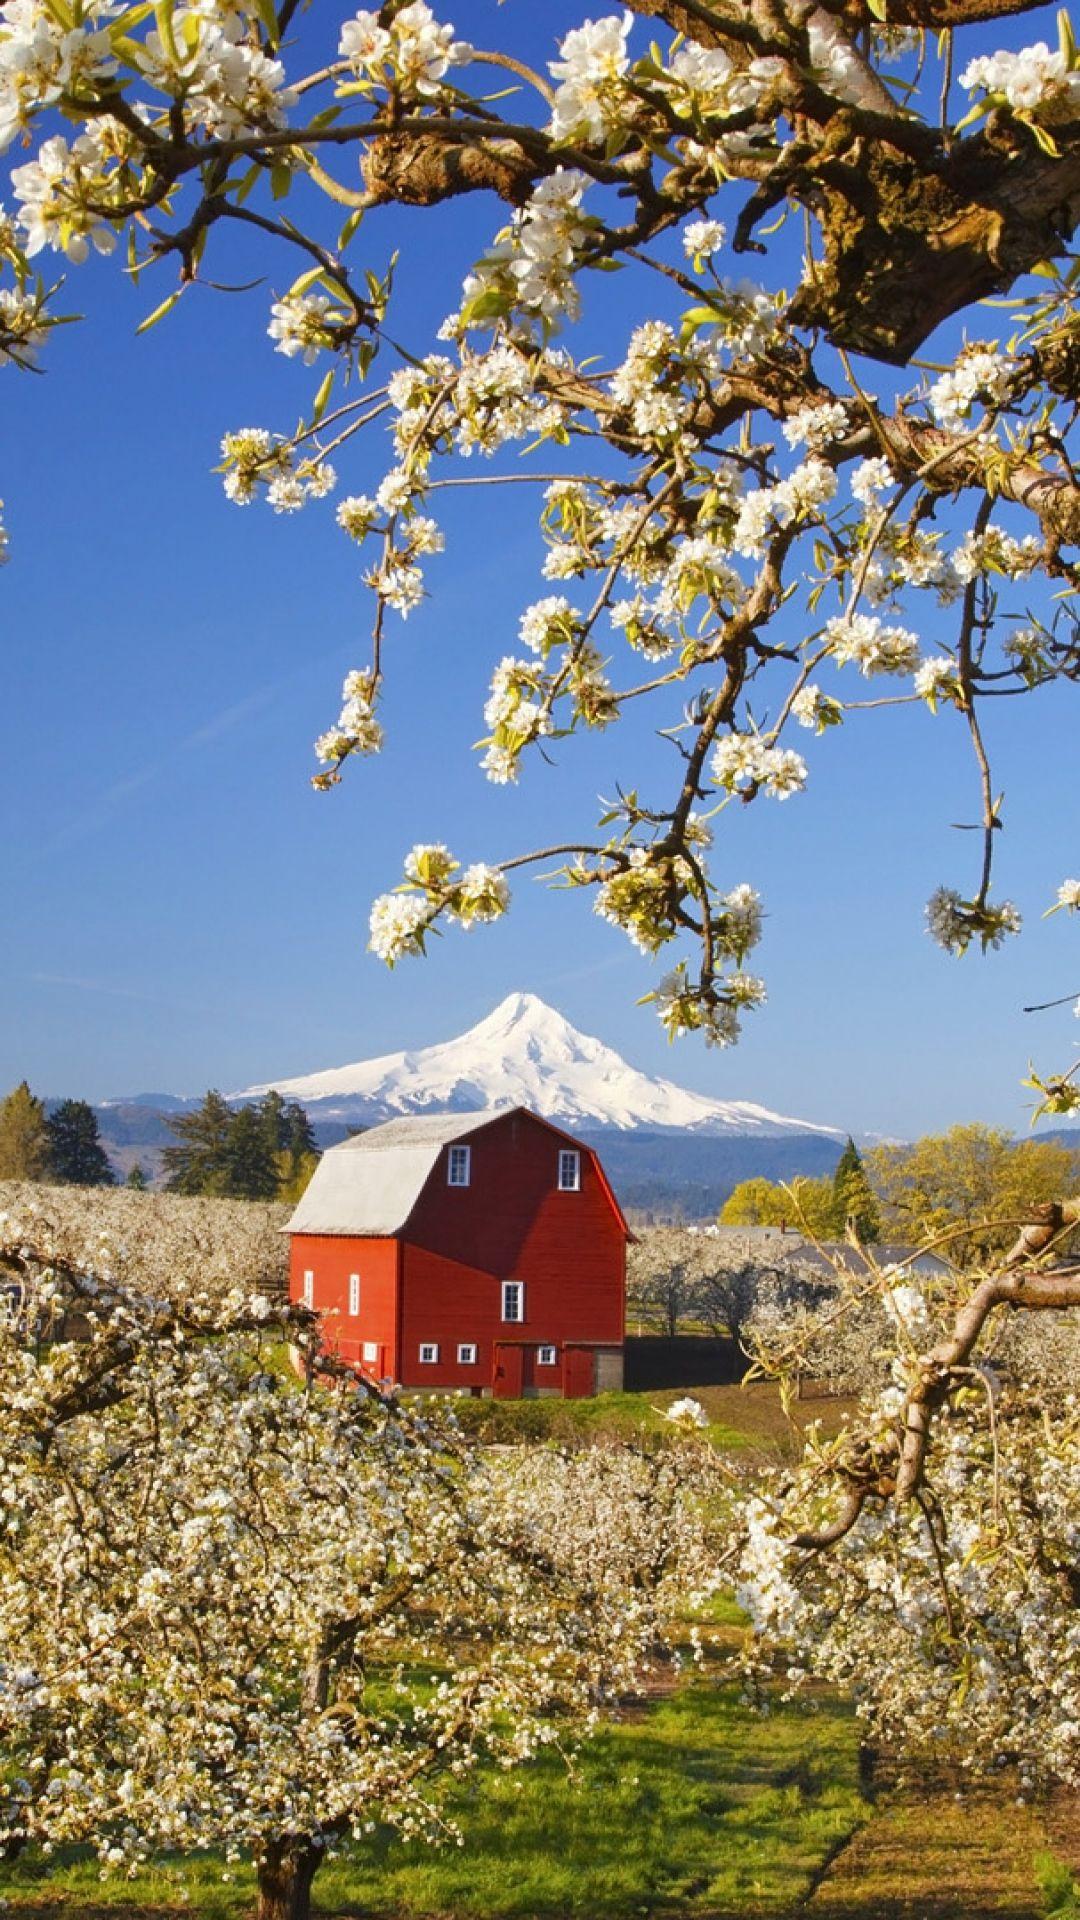 Country Living Spring Flowering Trees Barn Loving